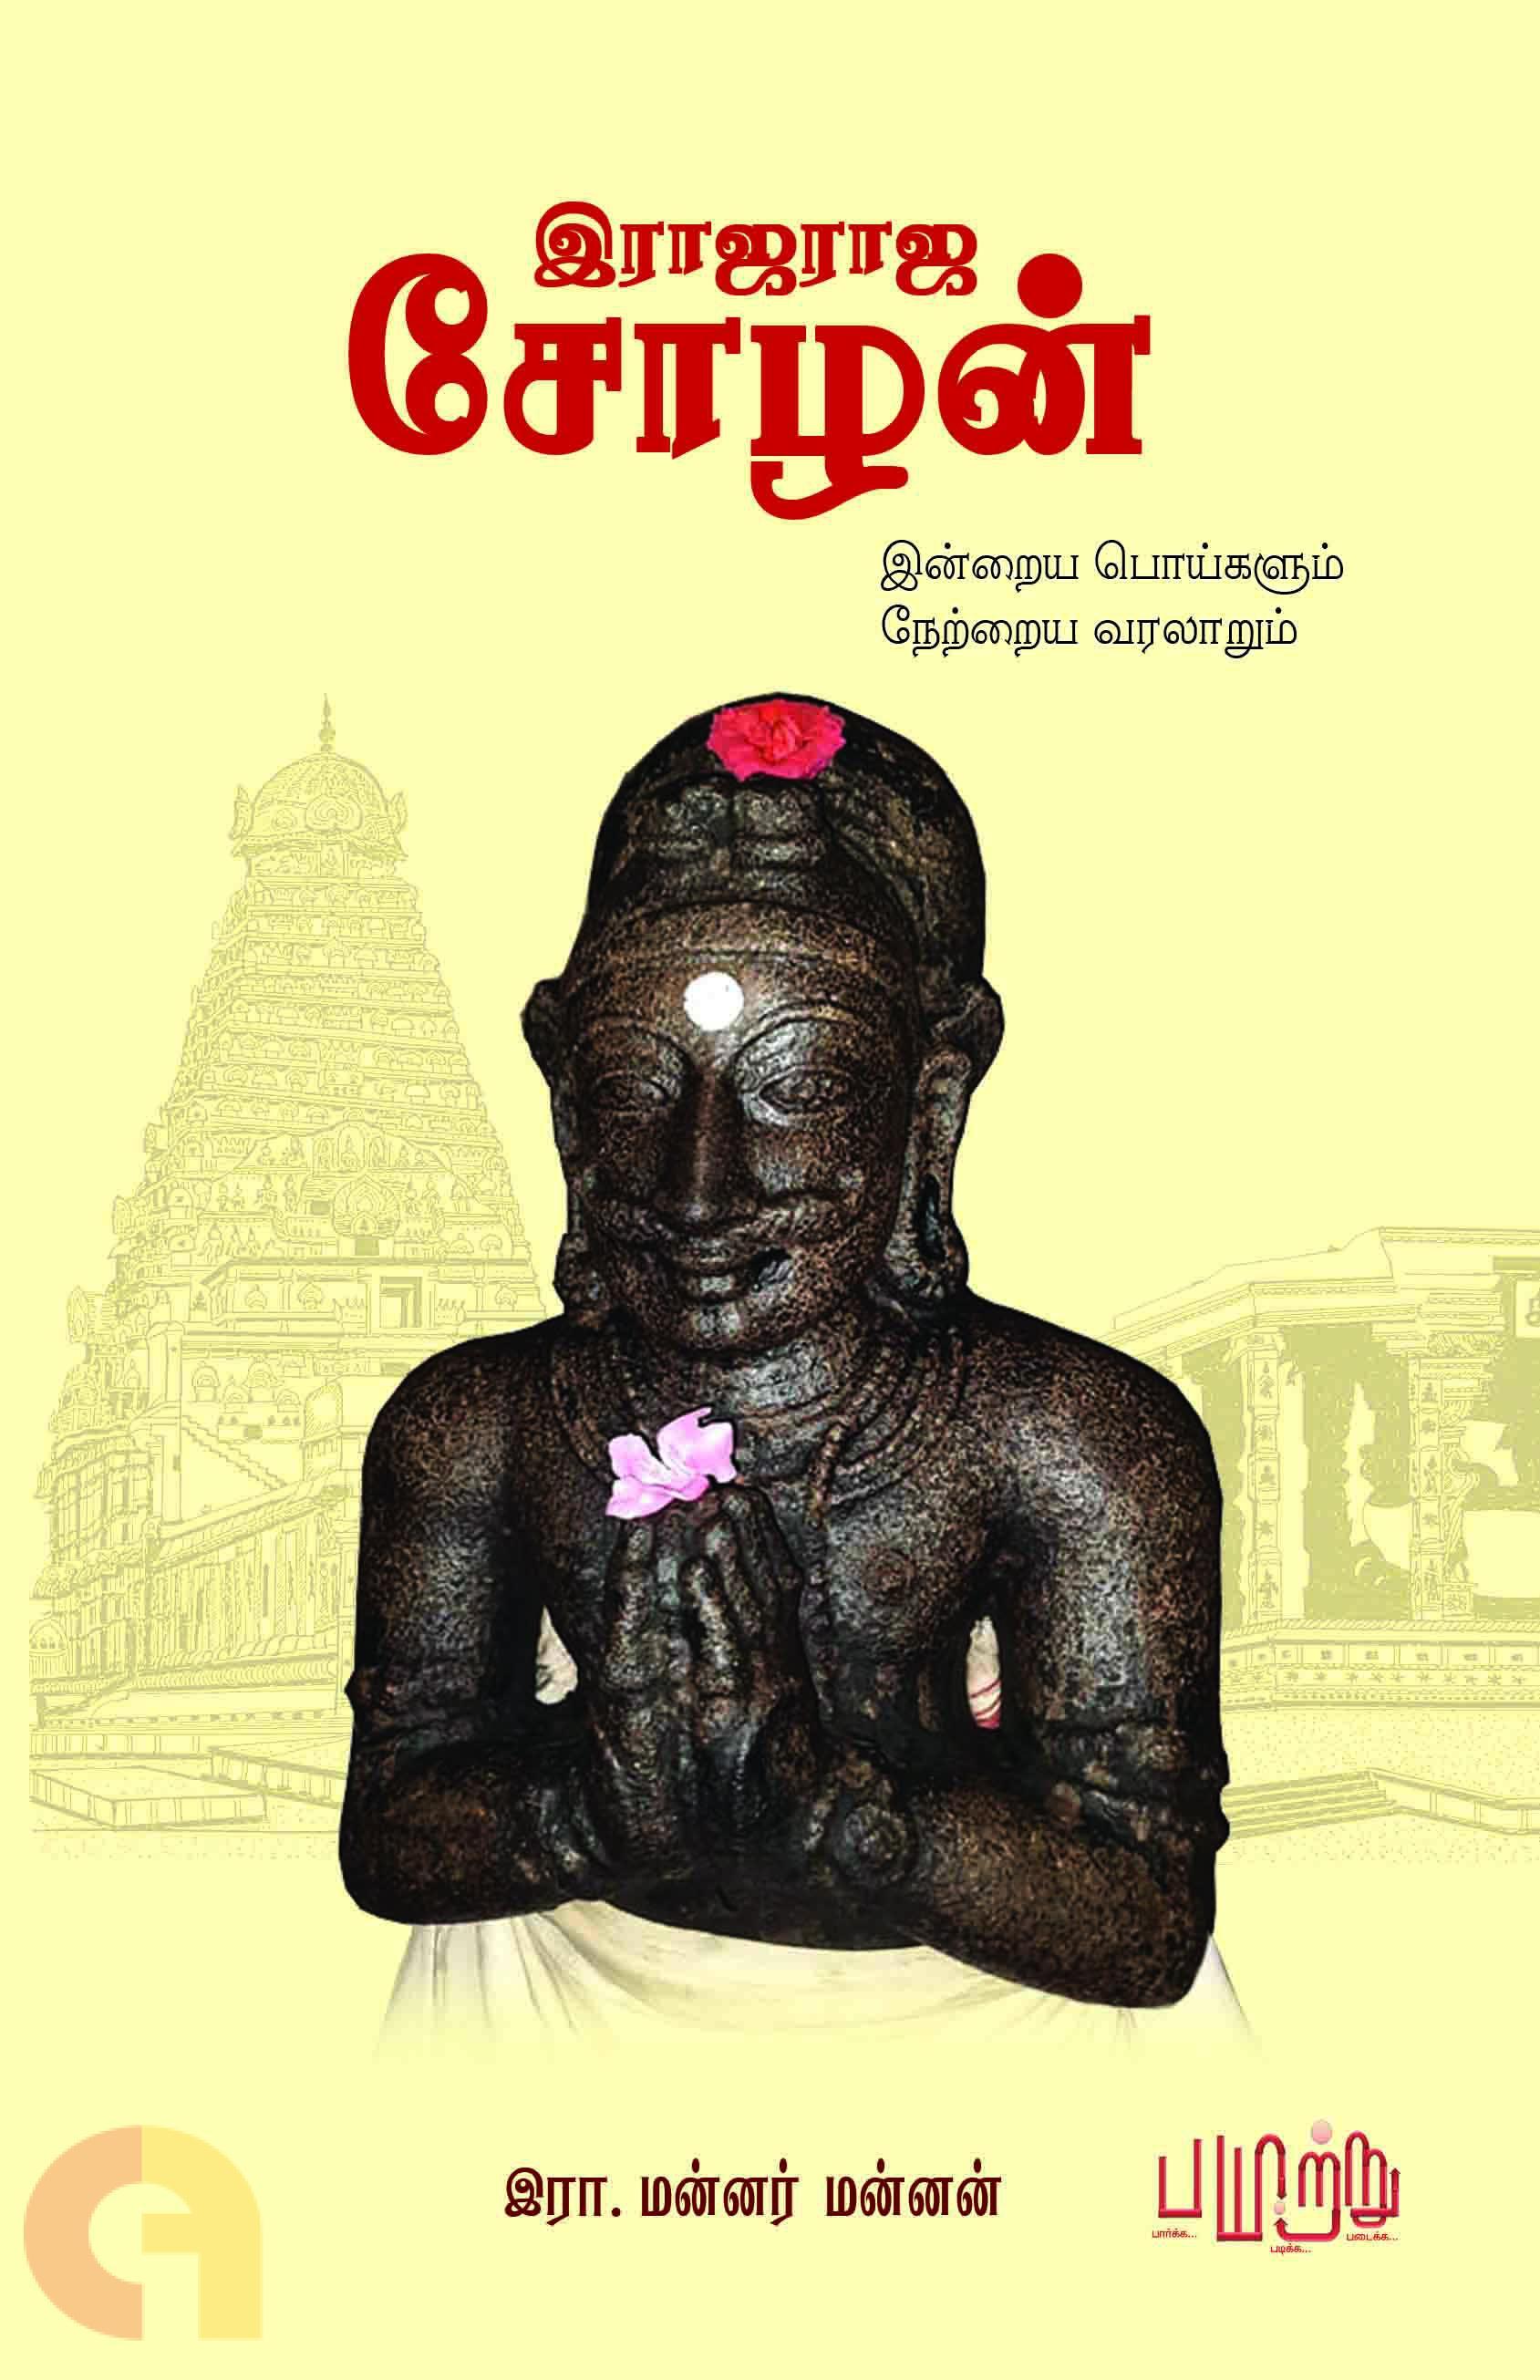 இராஜராஜ சோழன்: இன்றைய பொய்களும் நேற்றைய வரலாறும்